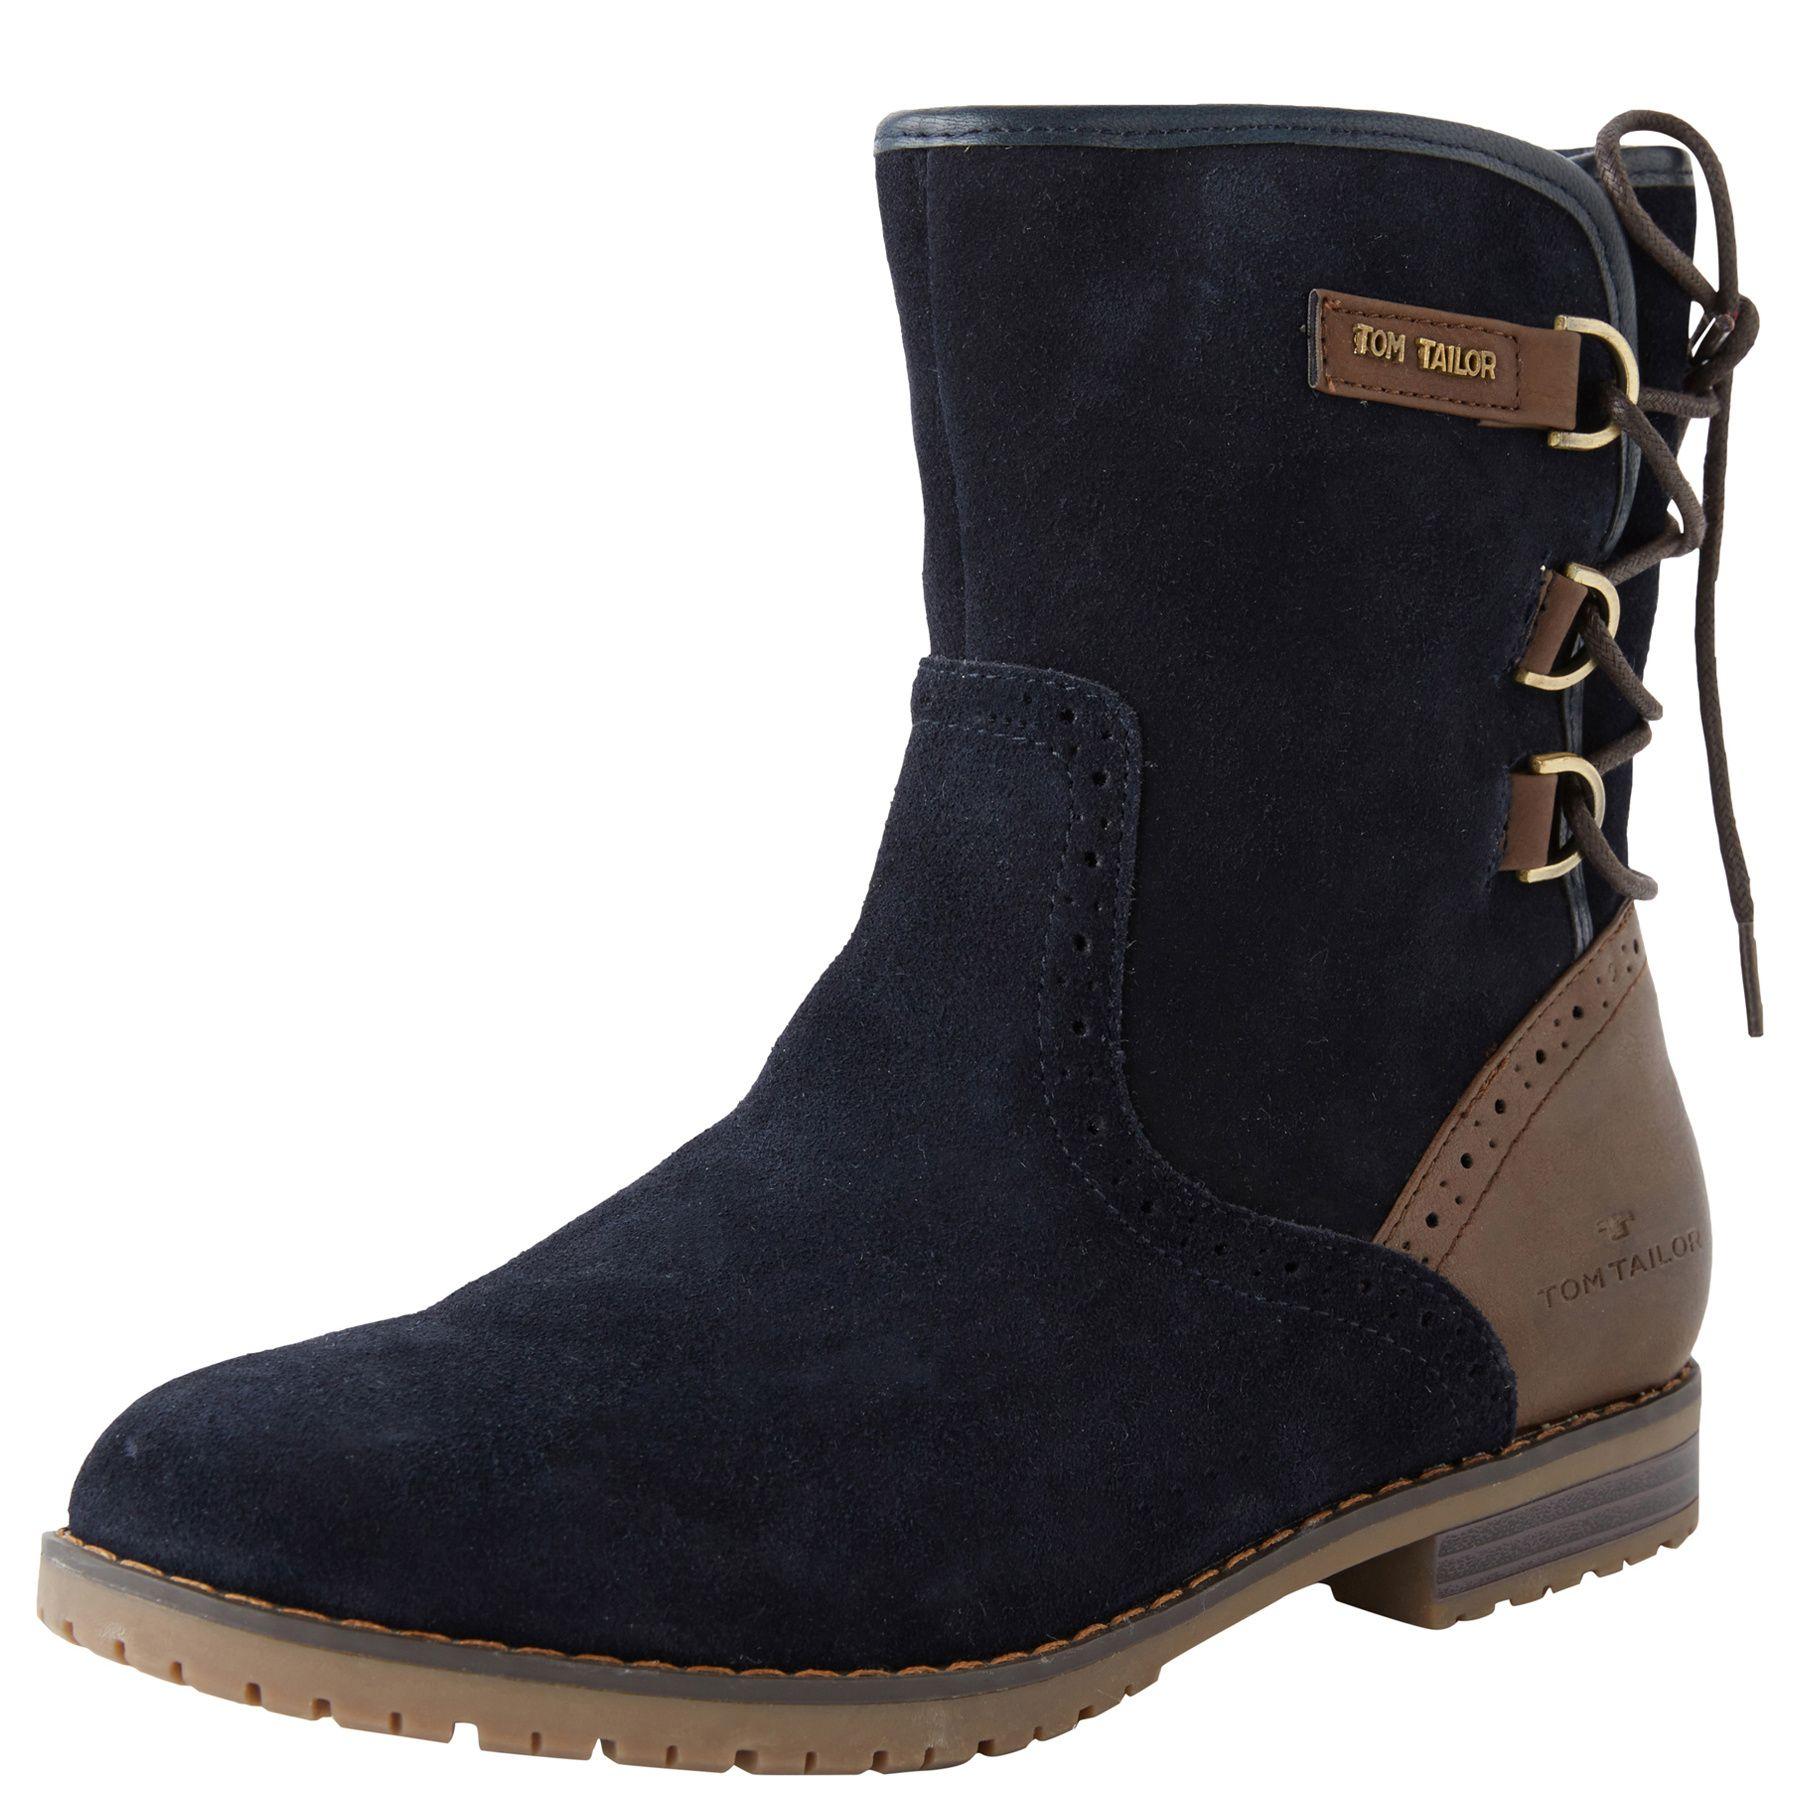 Veters Met Laarzen Lace Mix De Boots Aan With Achterkant Fabric rr5FyTU